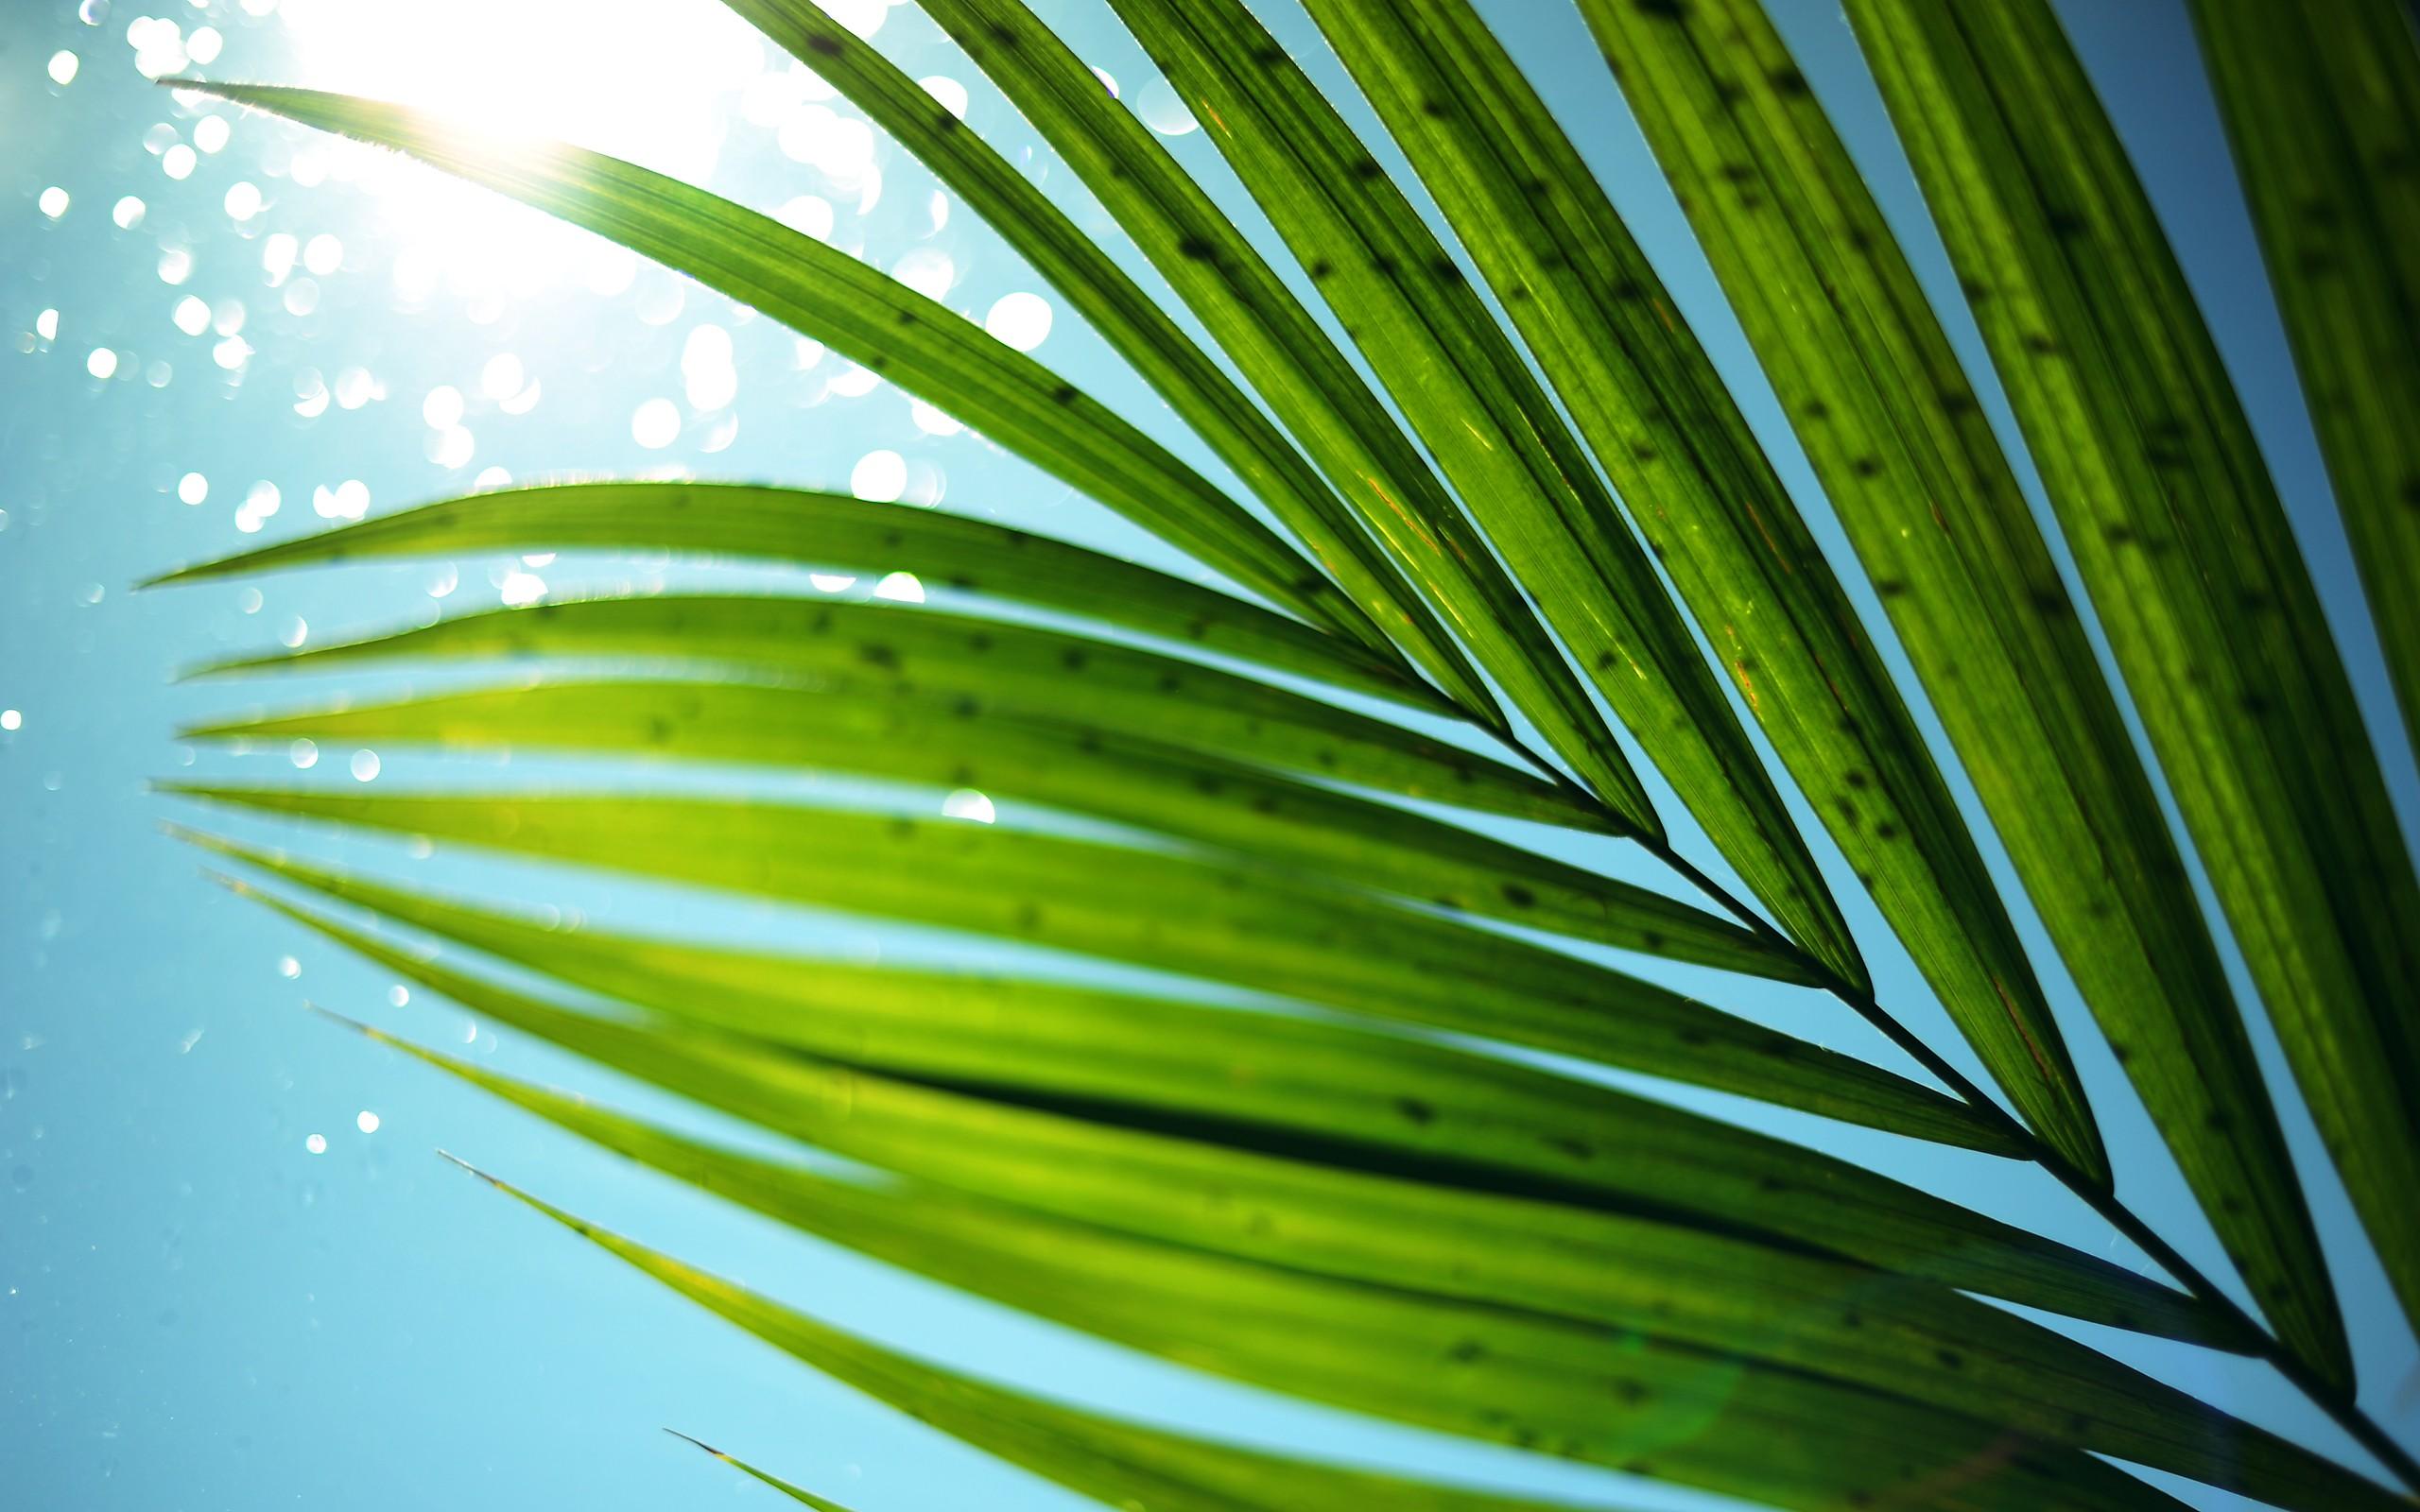 palm leaves wallpaper wallpapersafari